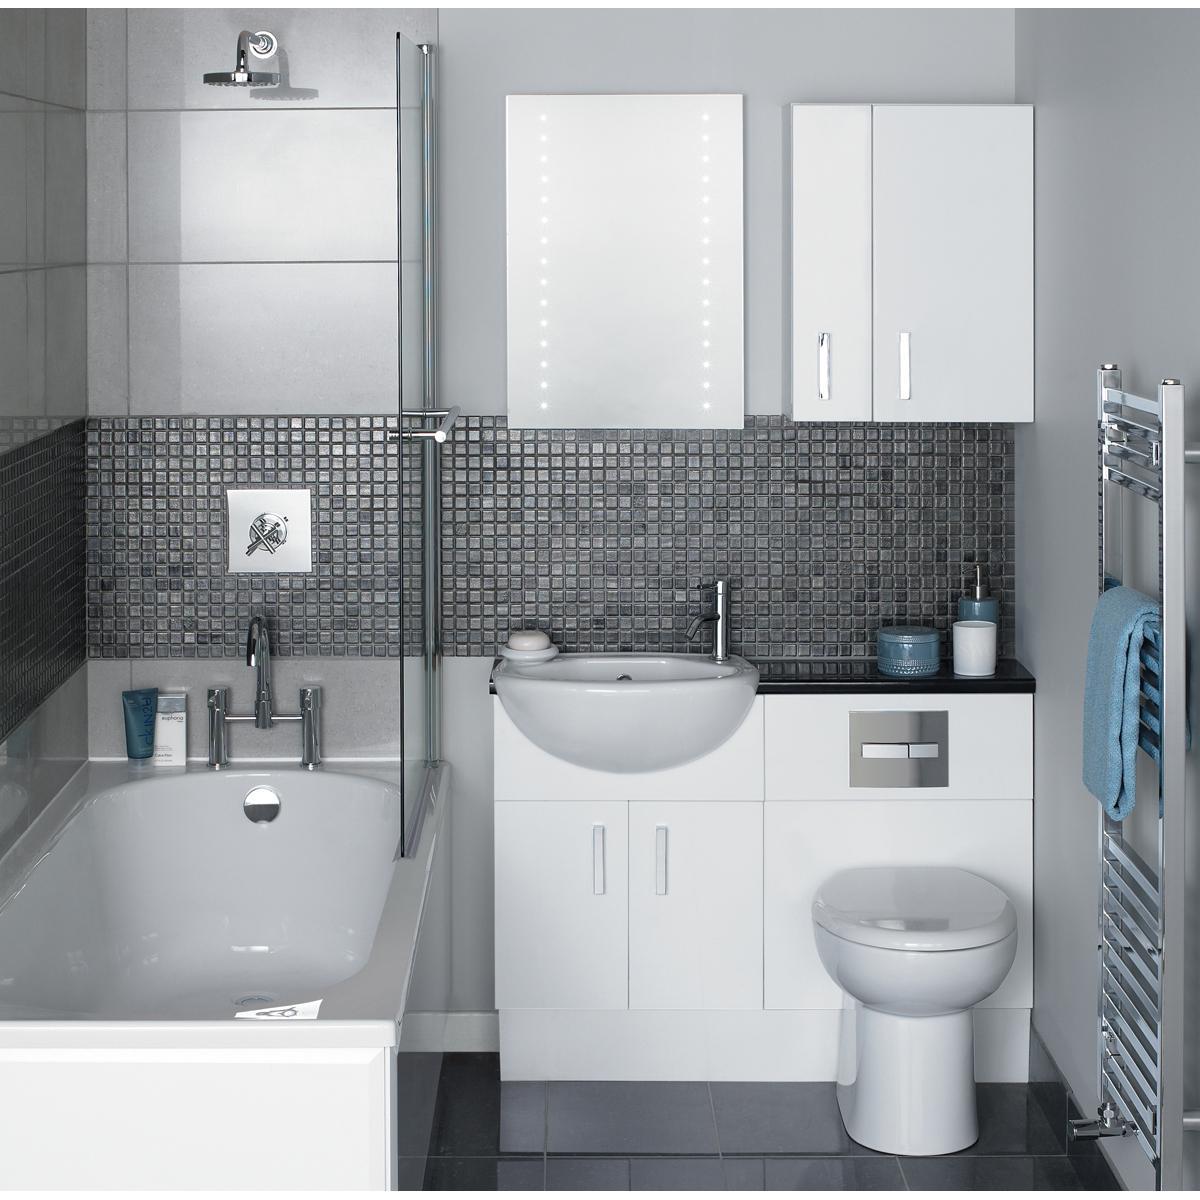 بالصور تصاميم حمامات , شاهد احدث تصاميم الحمامات العصرية 1934 13